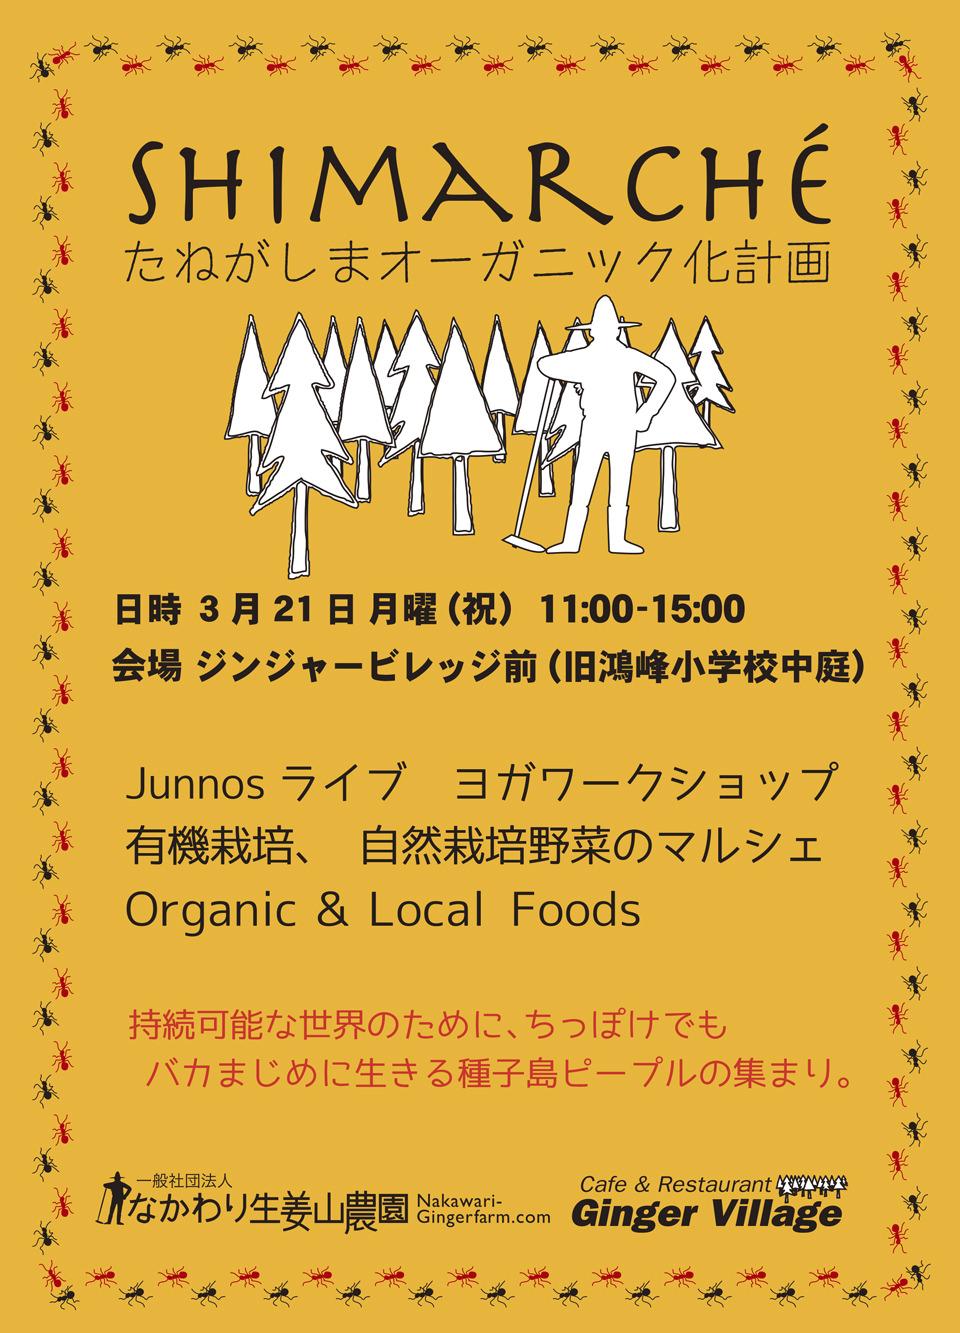 shimarcheカフェ たねがしまオーガニック化計画